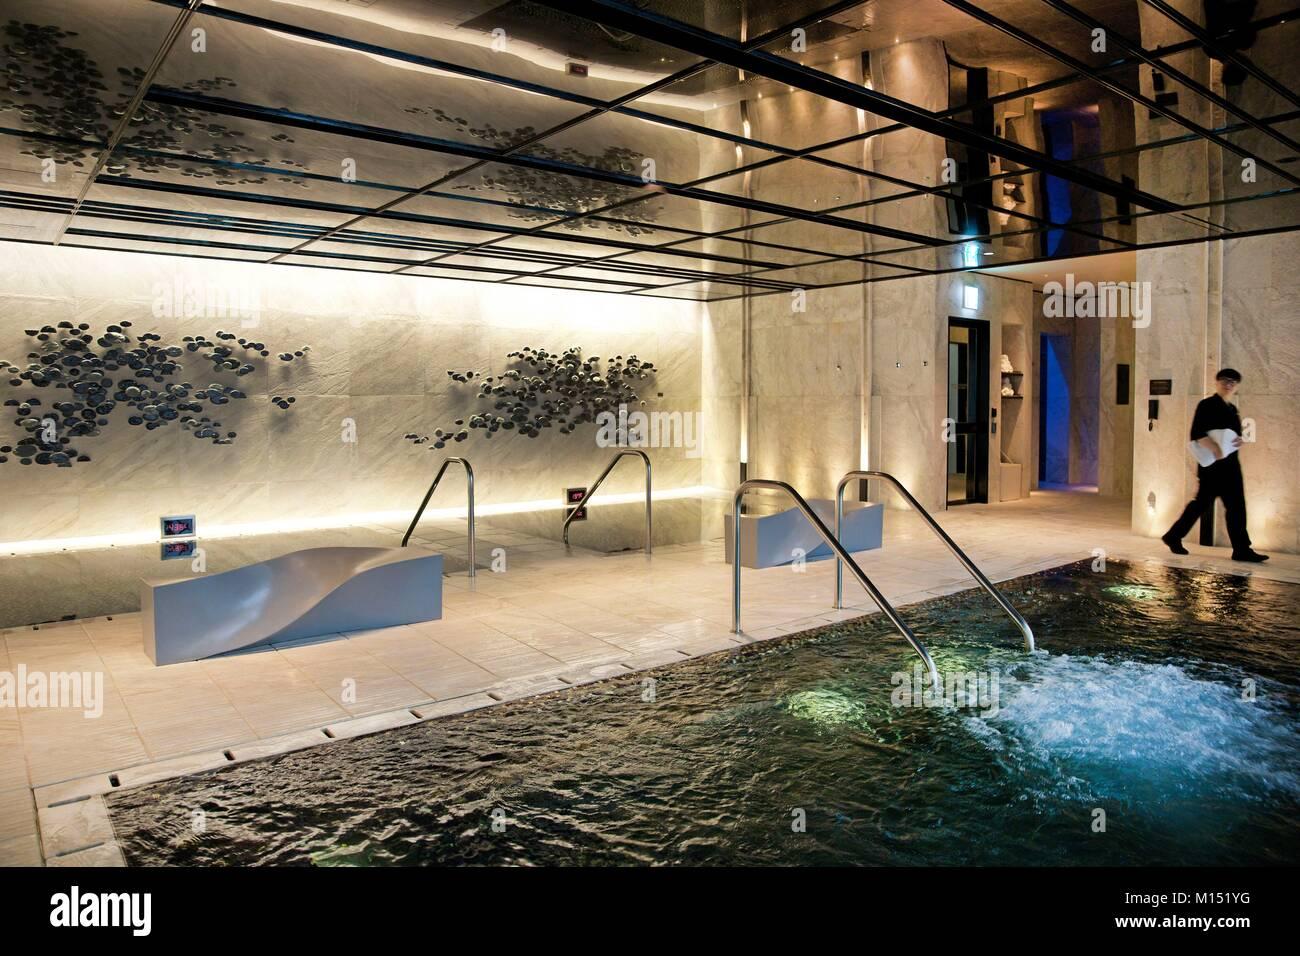 South Korea Seoul Design Spa Of The Four Seasons Hotel